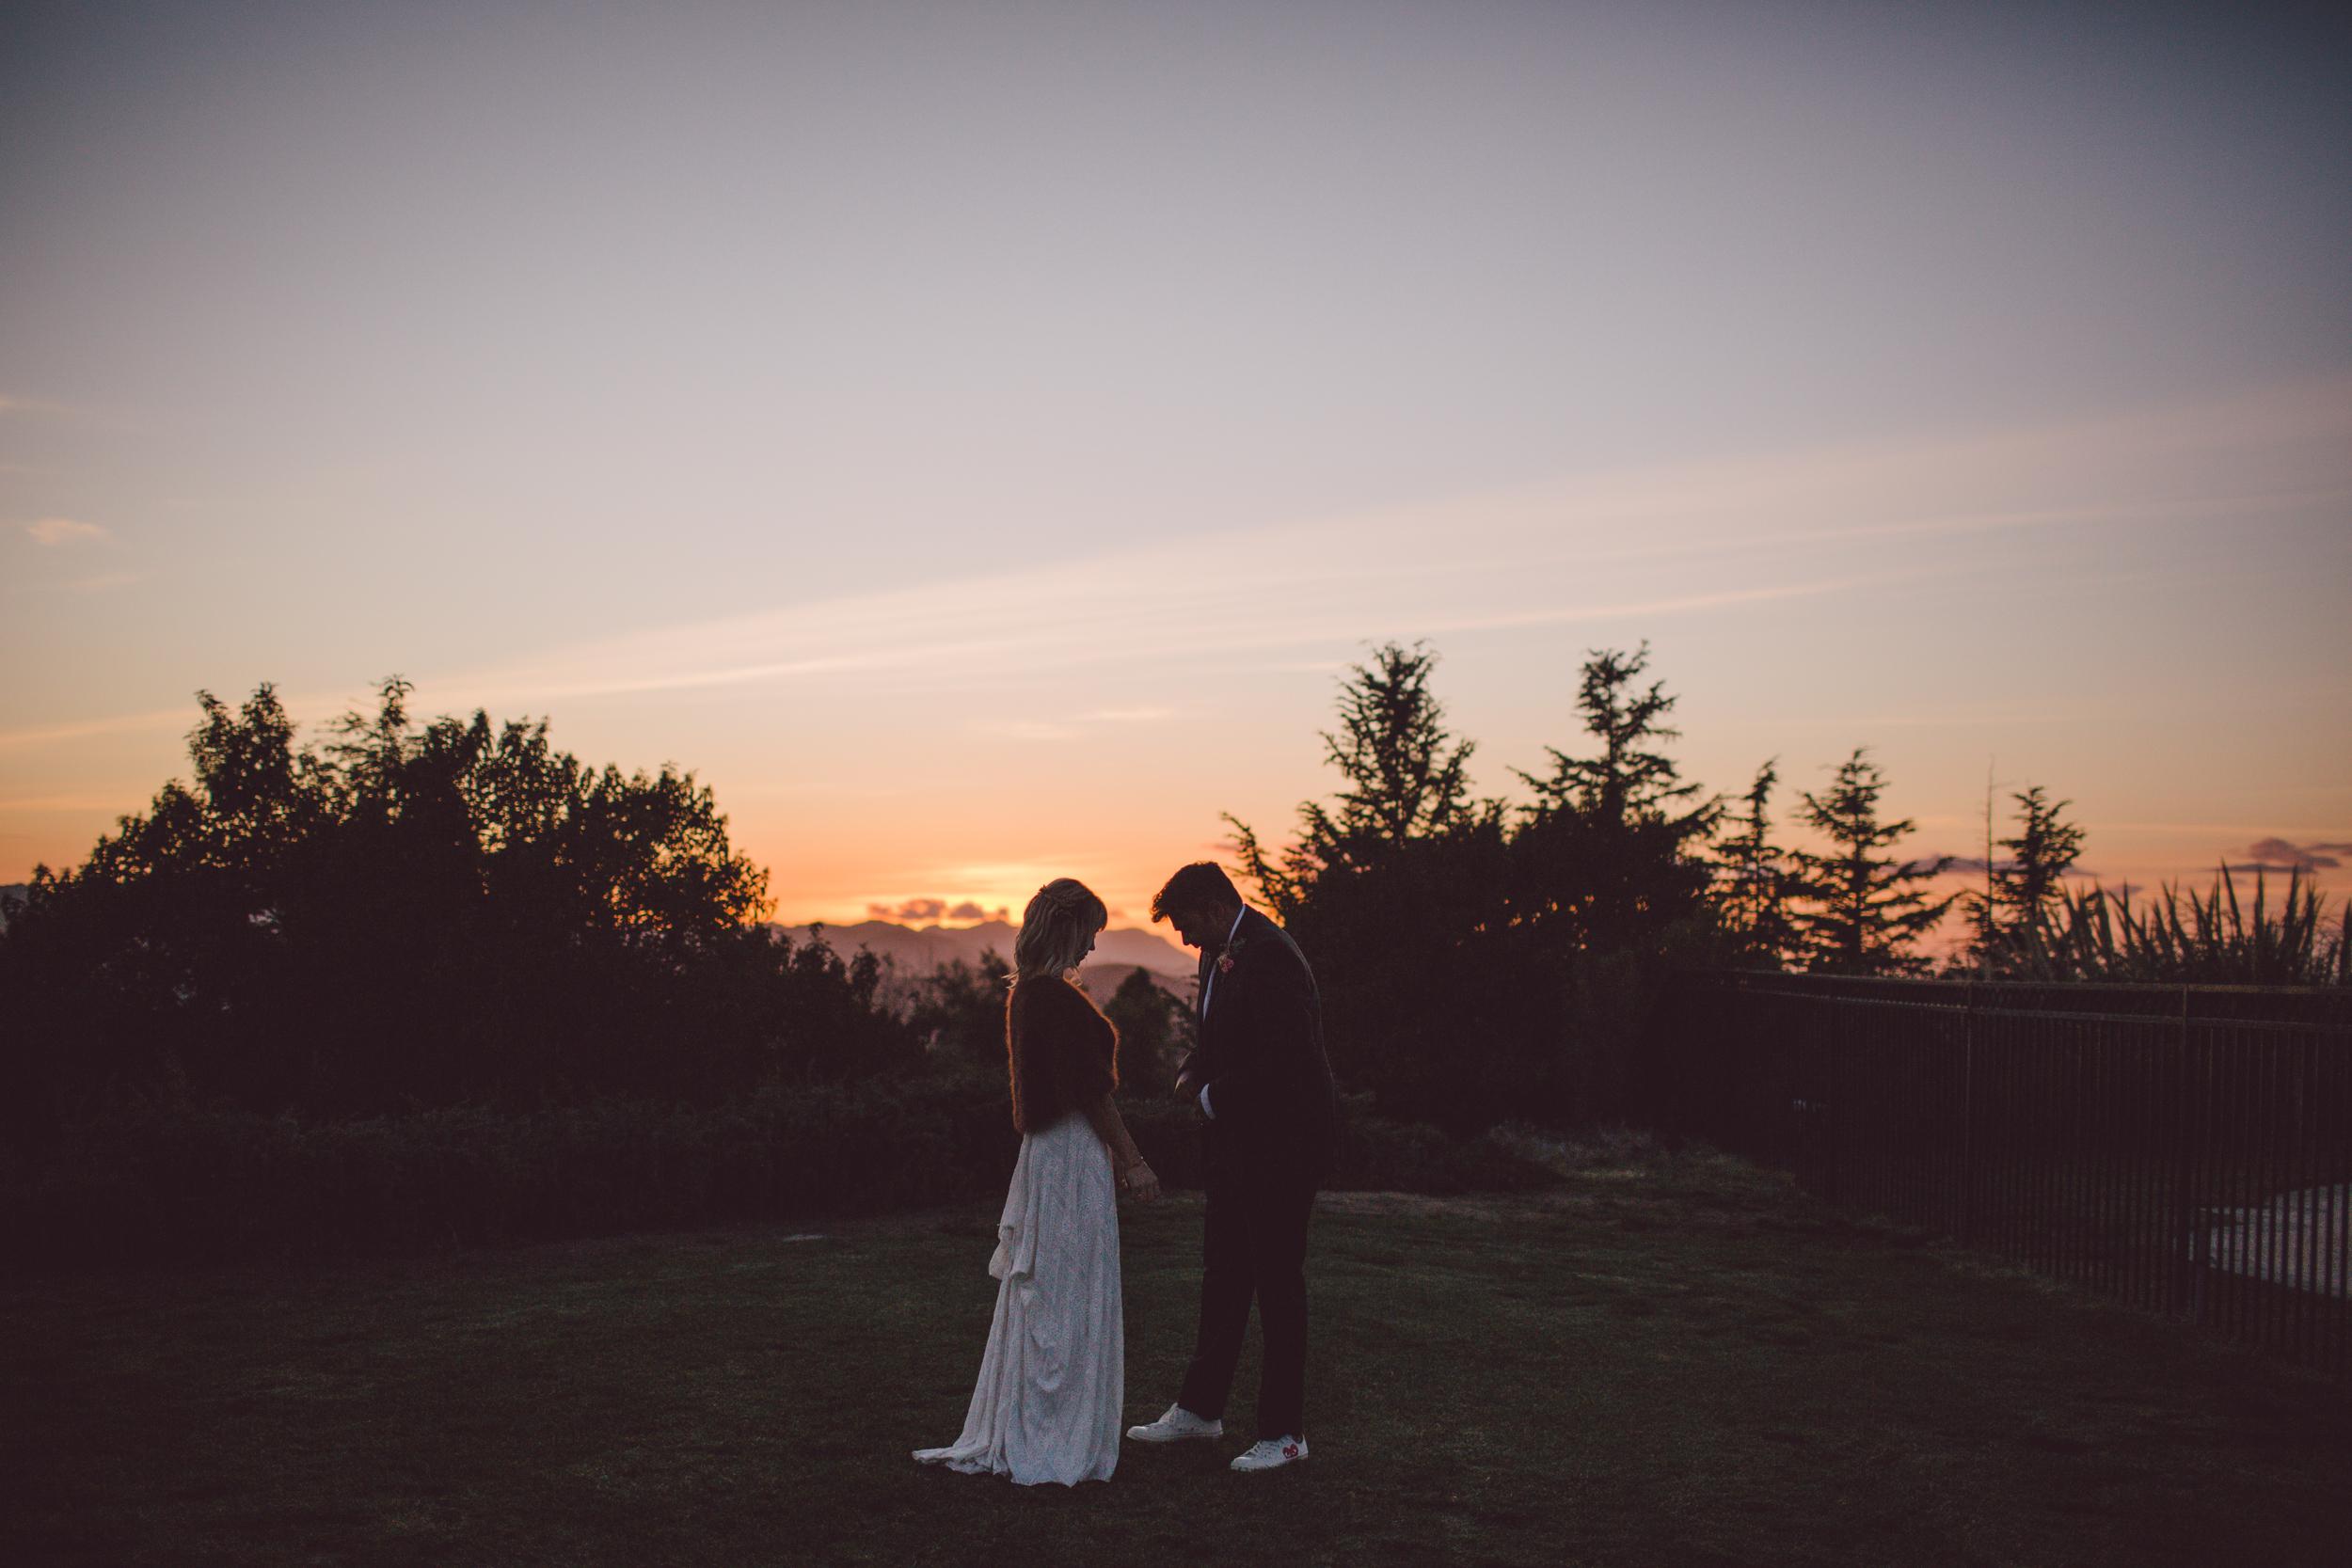 dusk-malibu-wedding-couple-rue de seine-boho